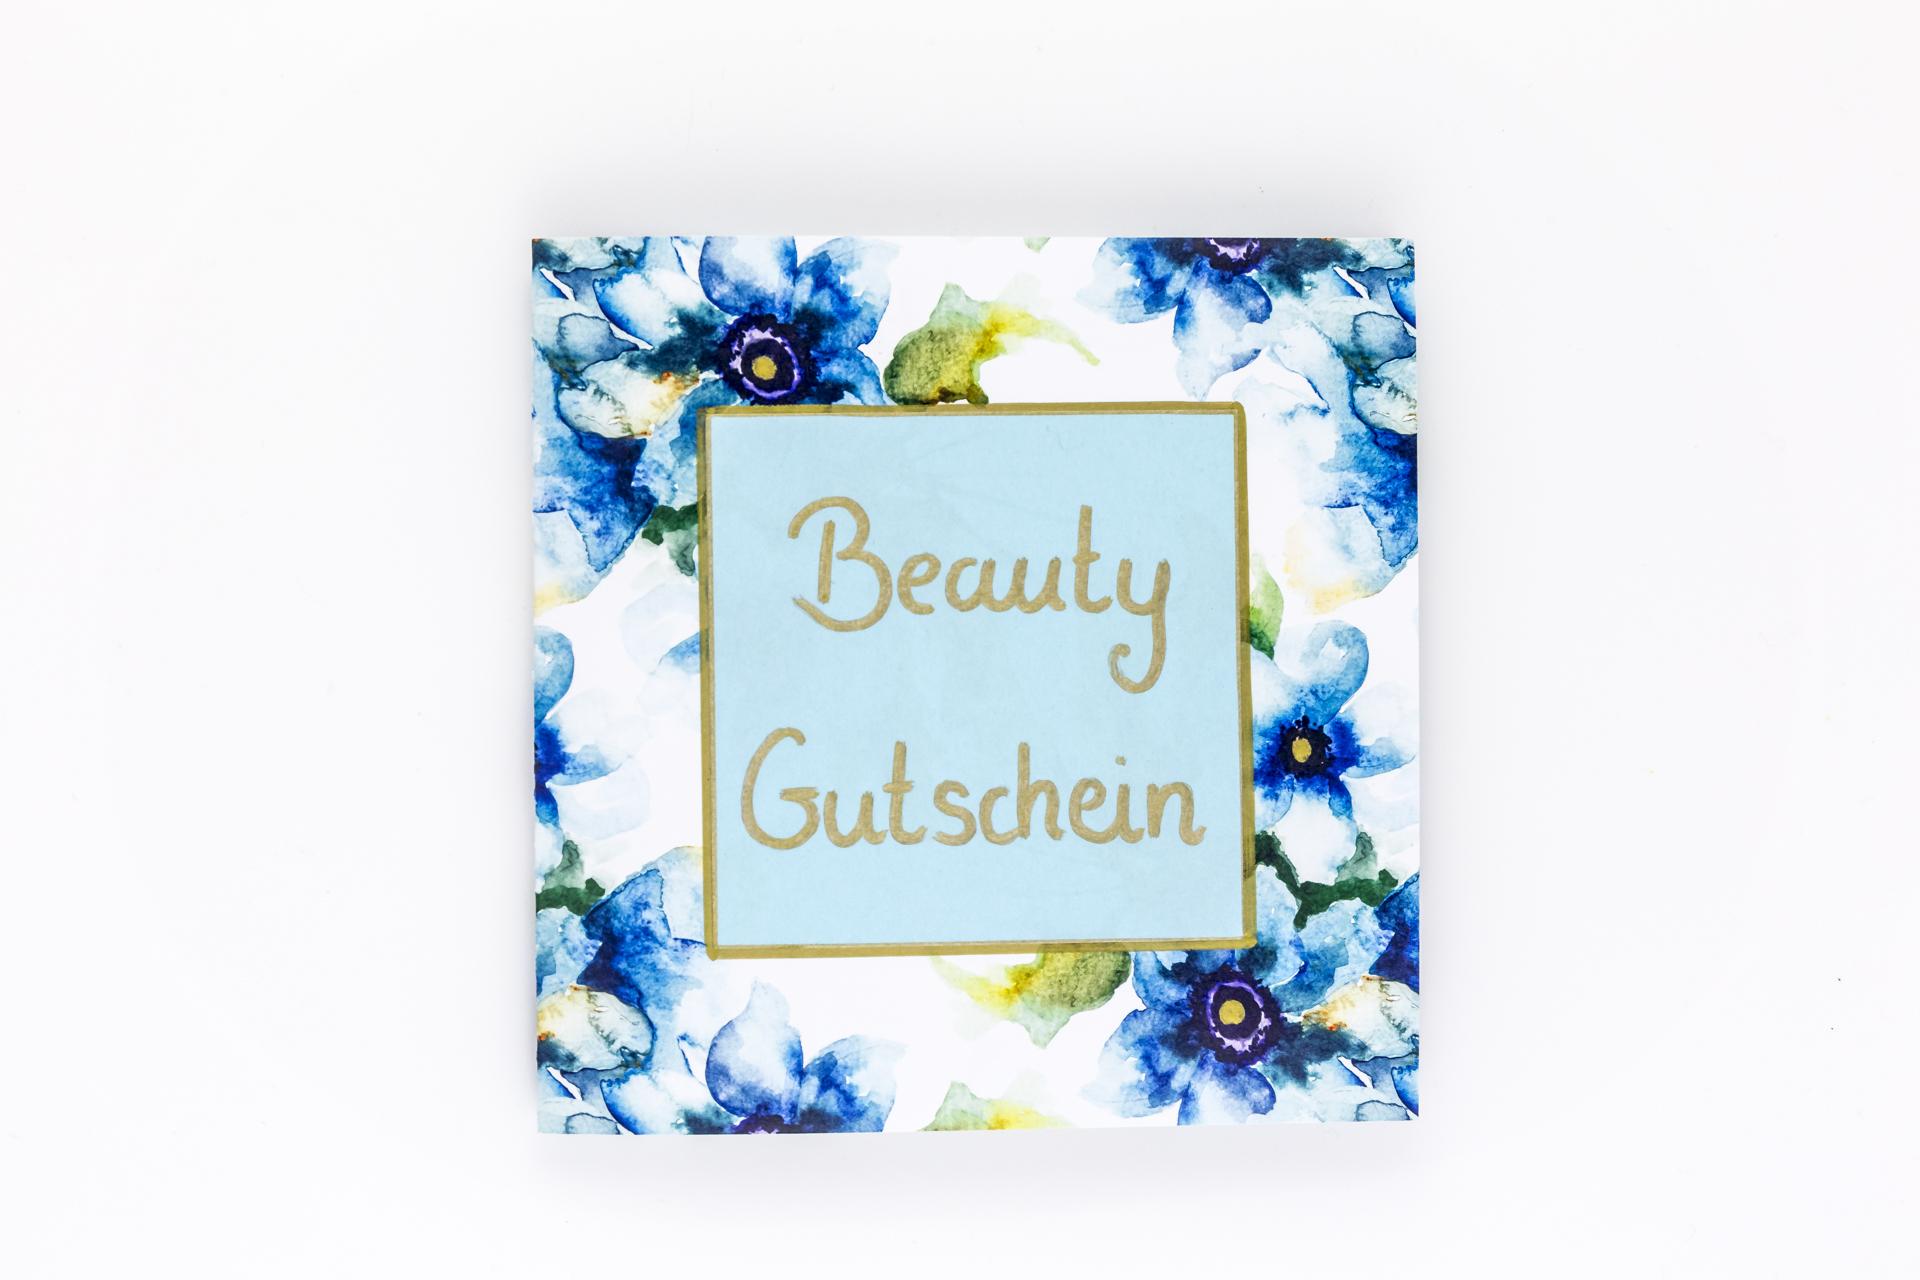 beauty_gutschein